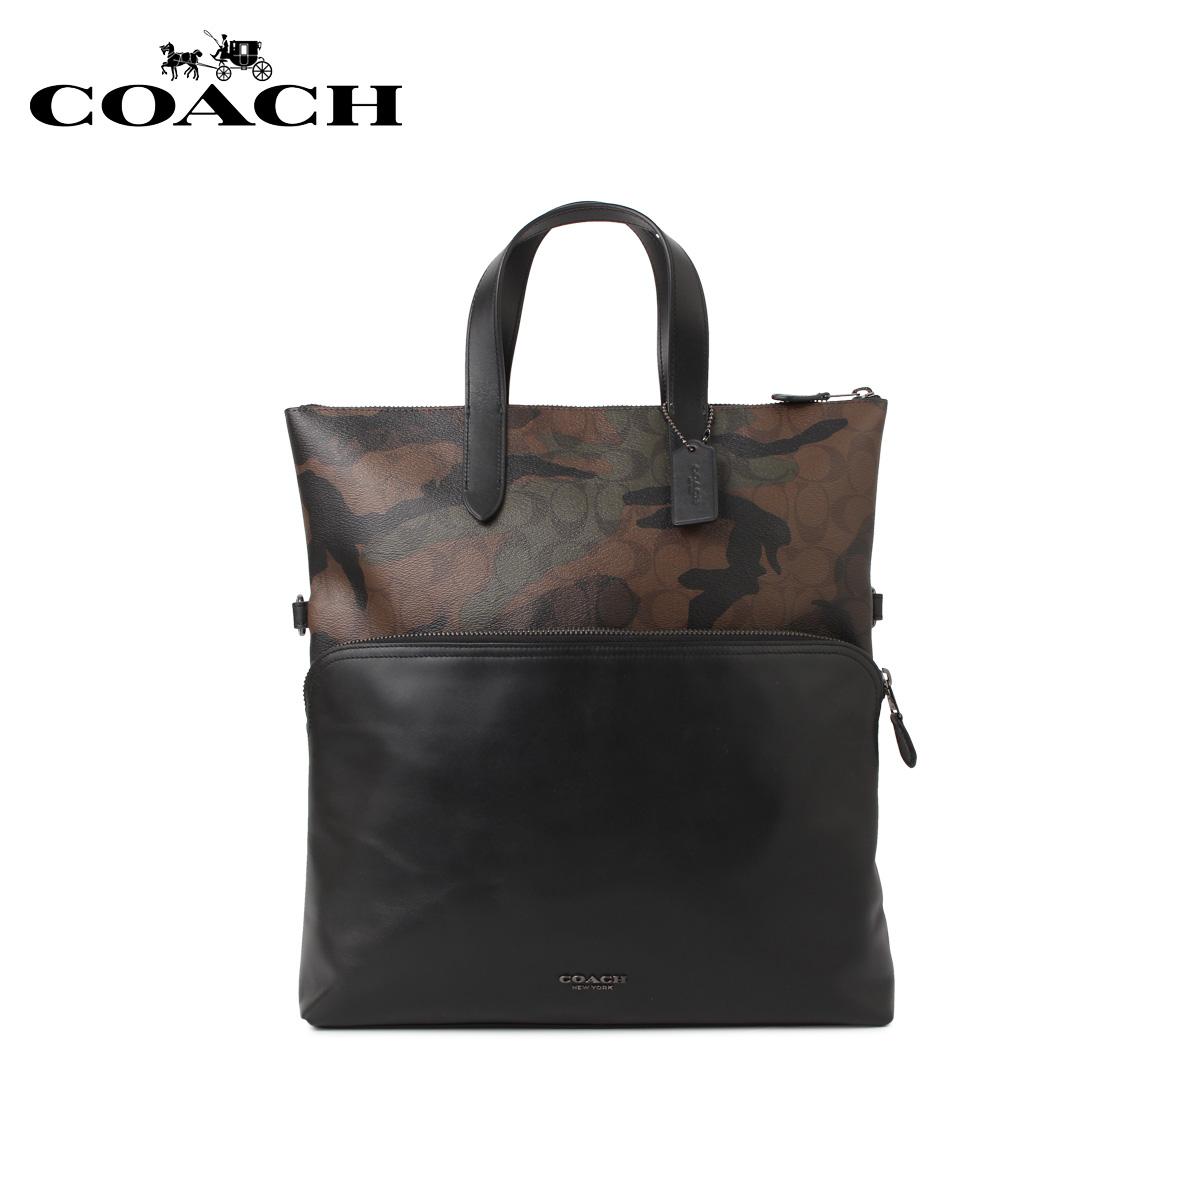 COACH コーチ バッグ トートバッグ メンズ カモ 迷彩 F72527